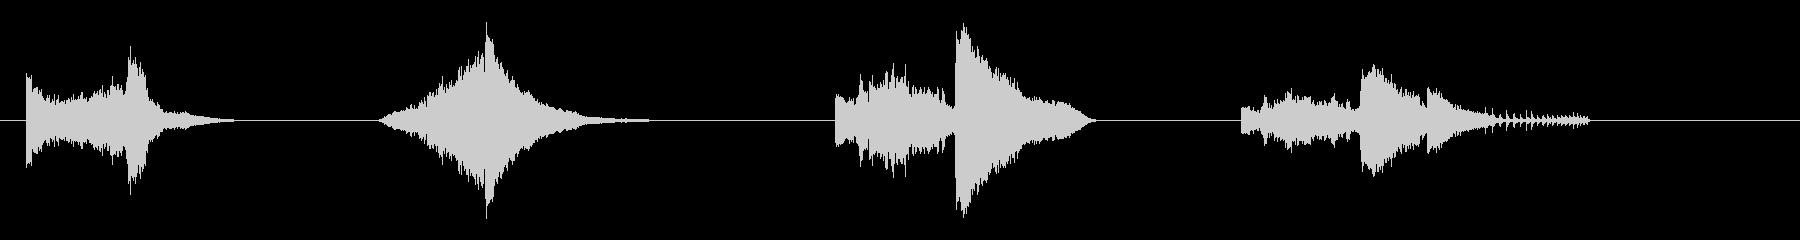 ホイッスル+ヒット-ロング-4バージョンの未再生の波形